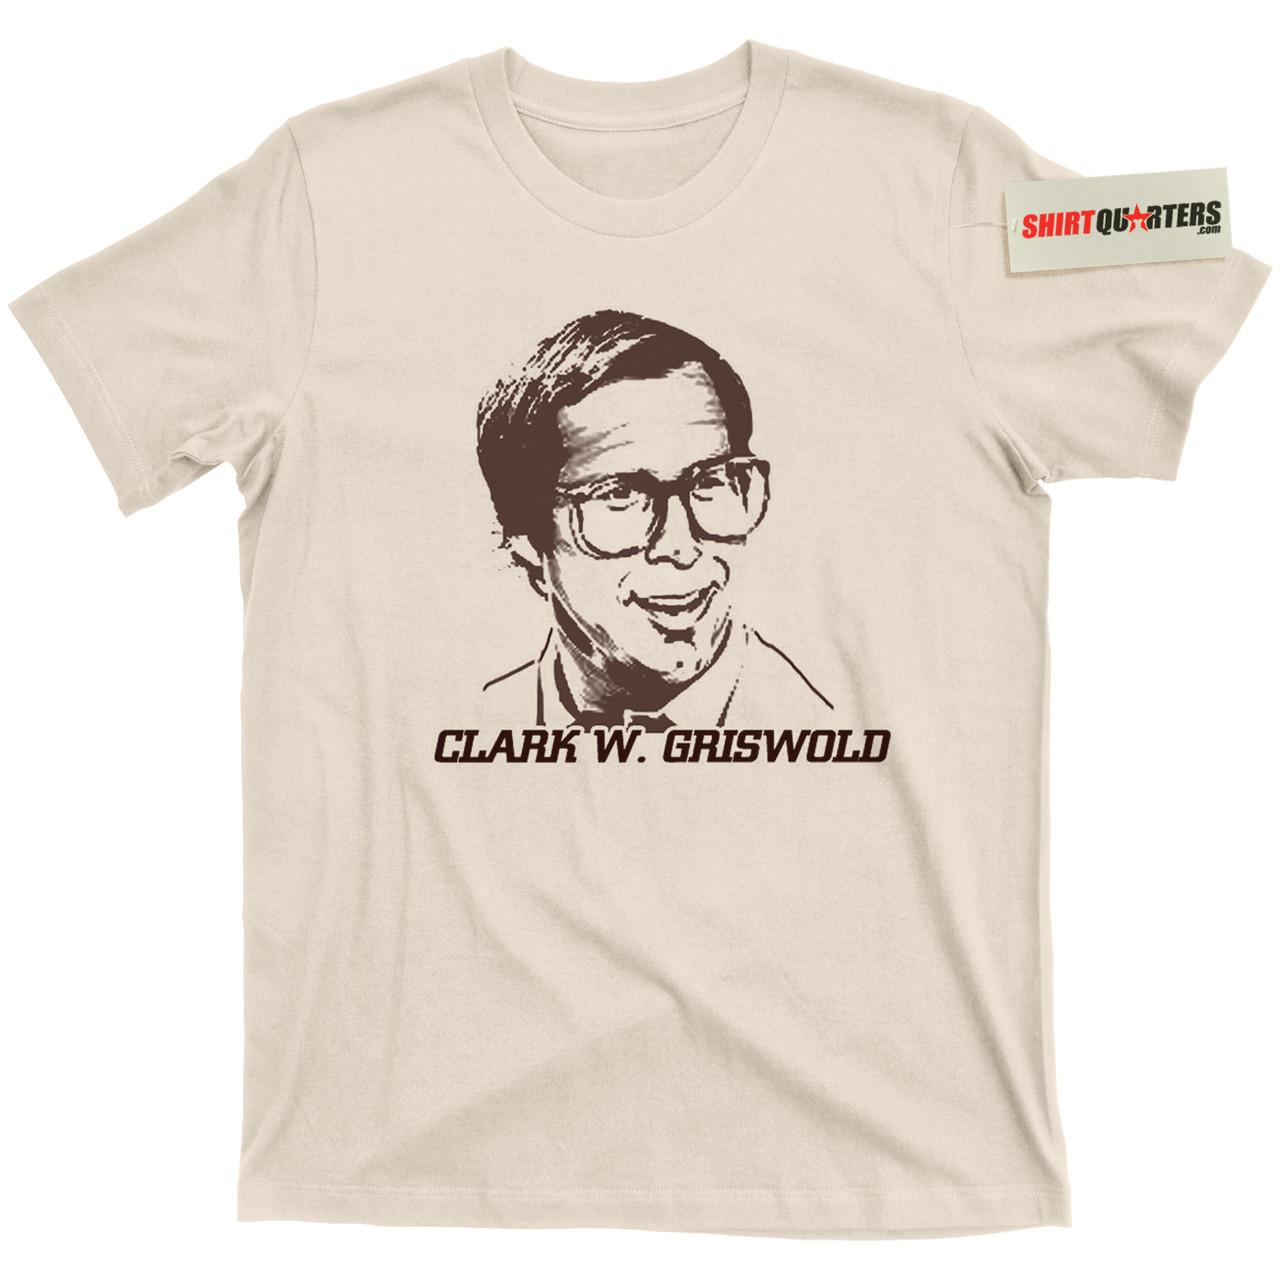 2a095b3a972 Clark W Griswold T Shirt - Shirtquarters